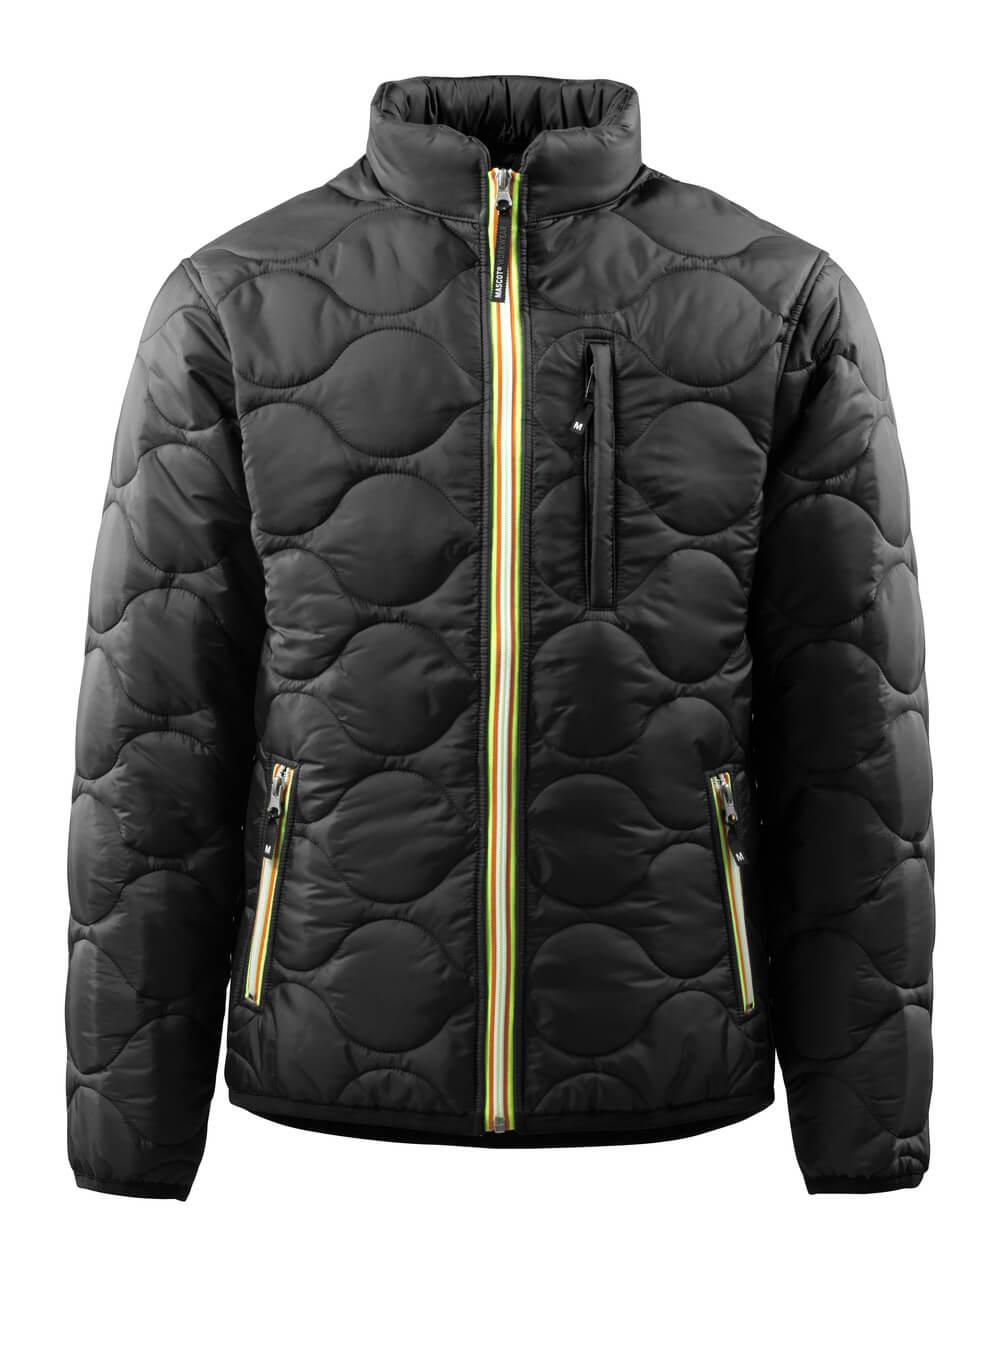 15015-998-09 Termojakke - svart